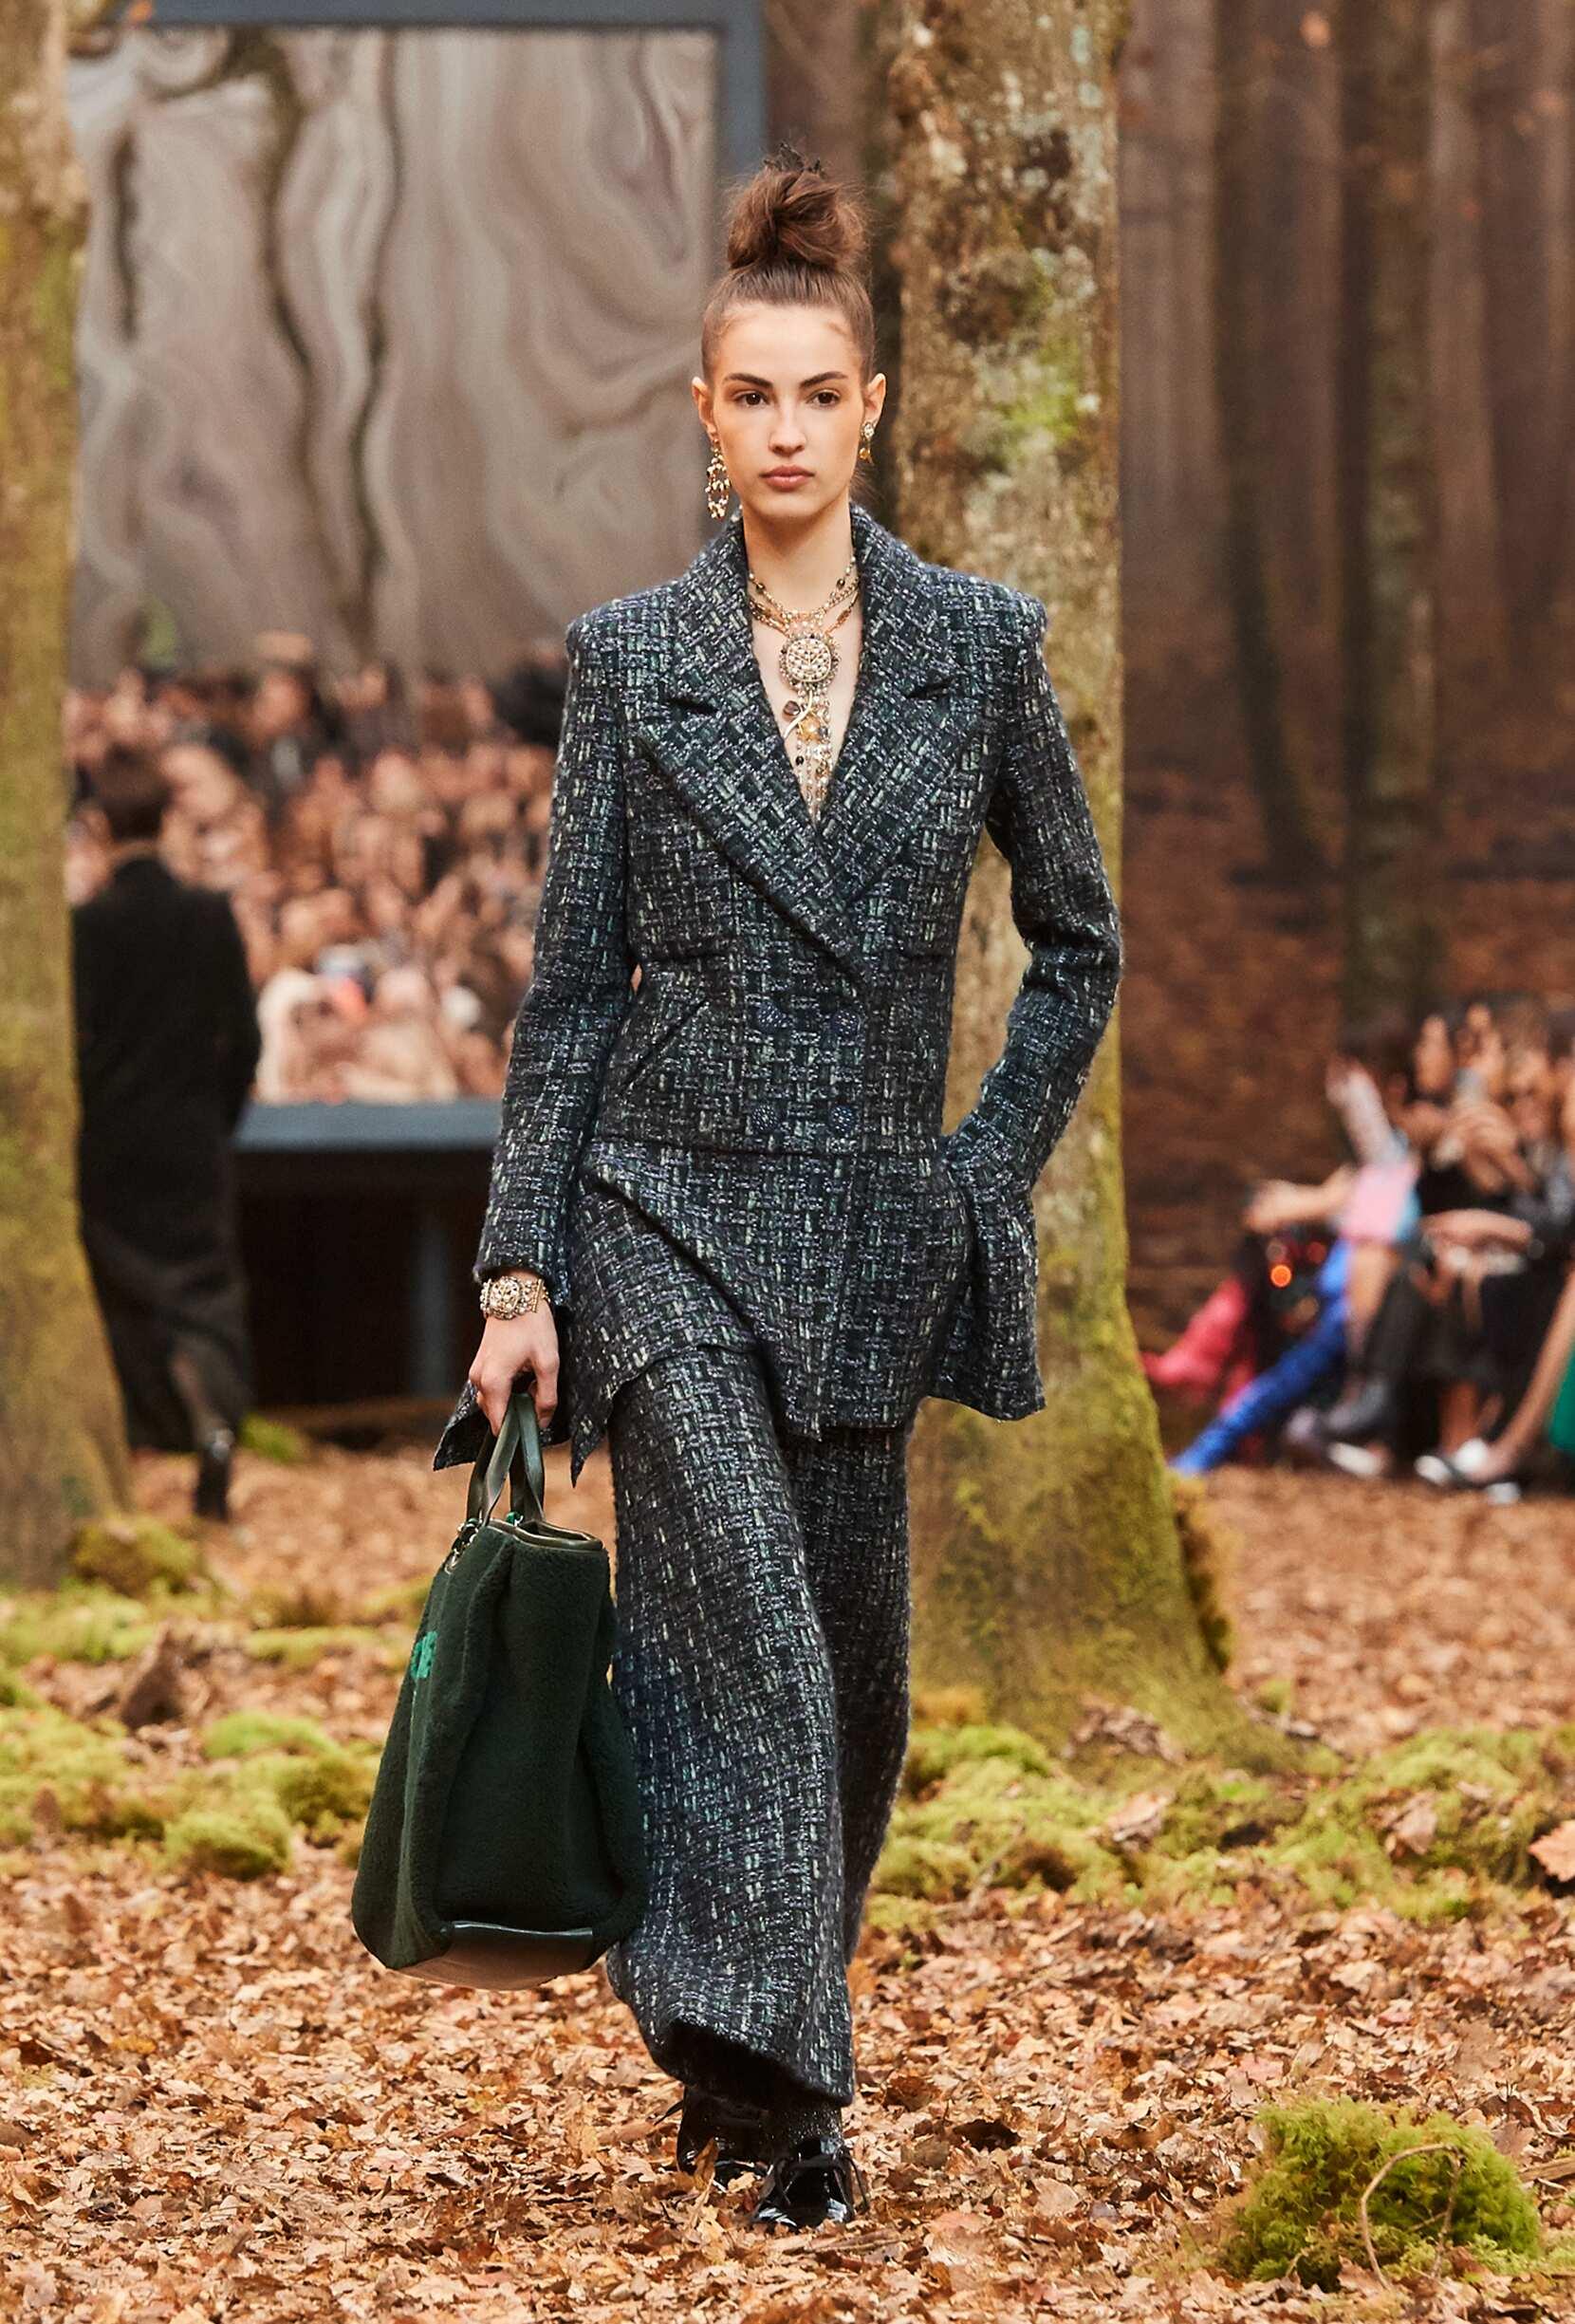 Fashion Model Chanel Catwalk